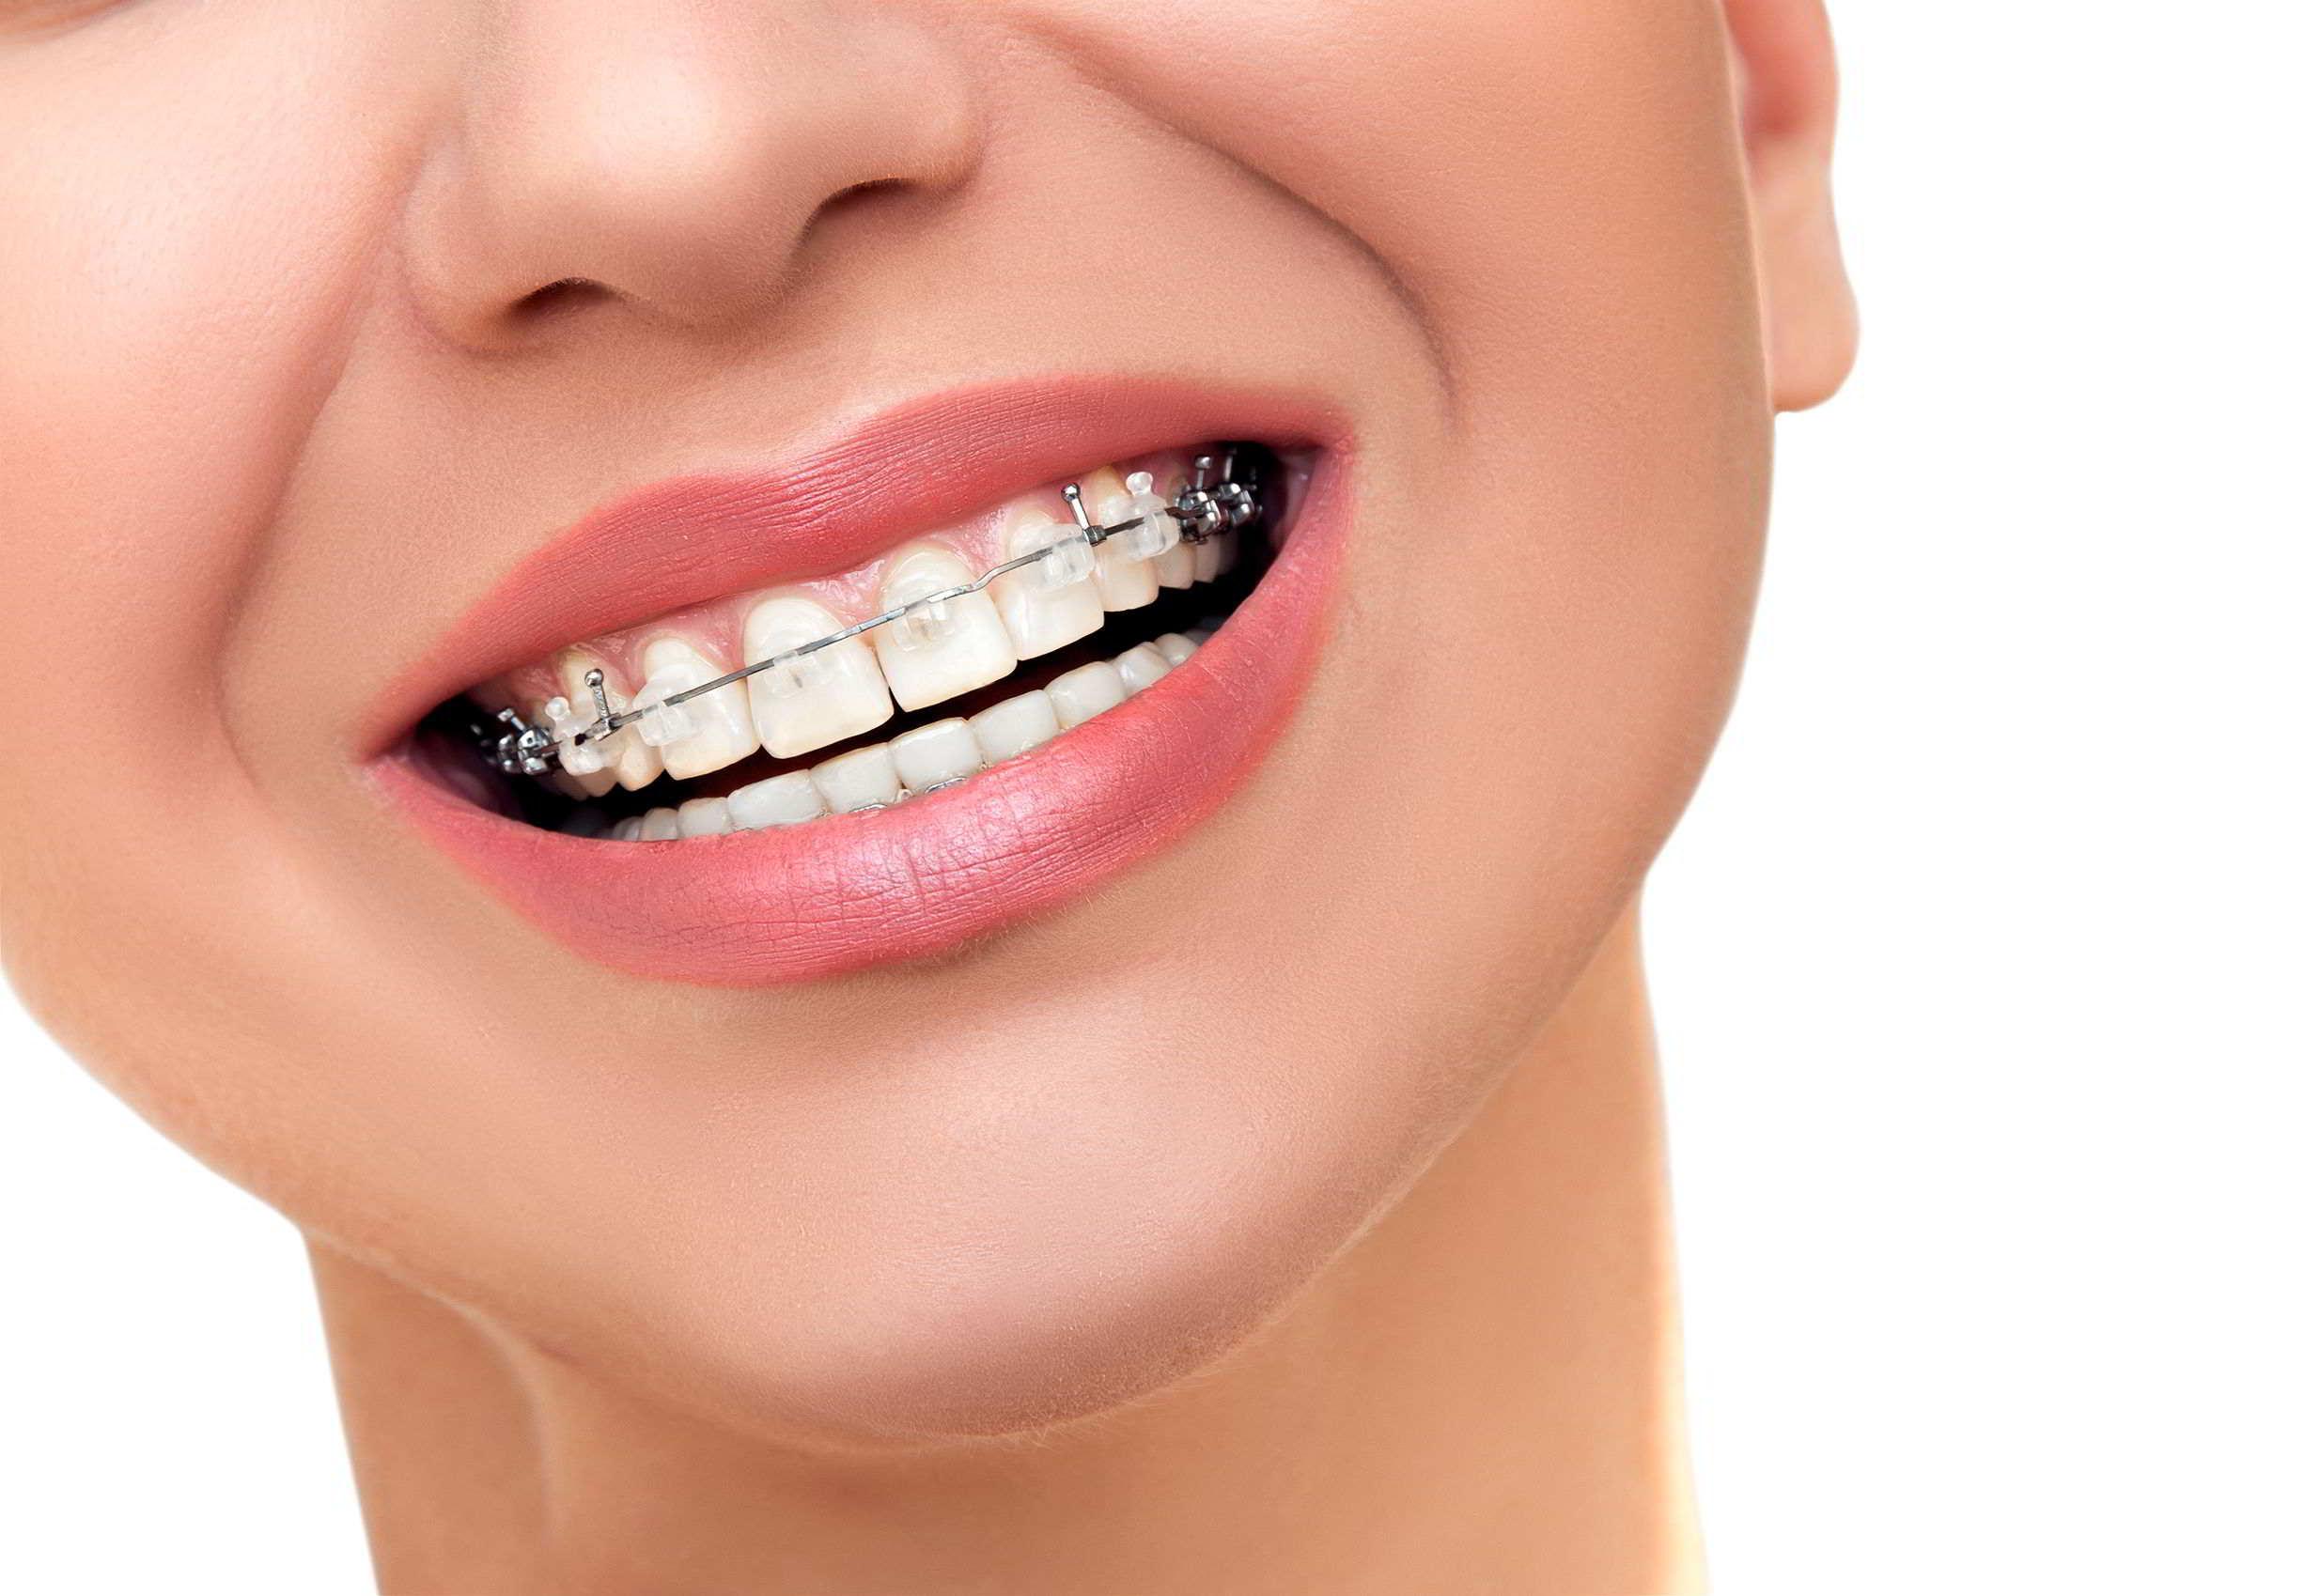 La culminación perfecta de un buen trabajo de Ortodoncia es el Blanqueamiento Dental